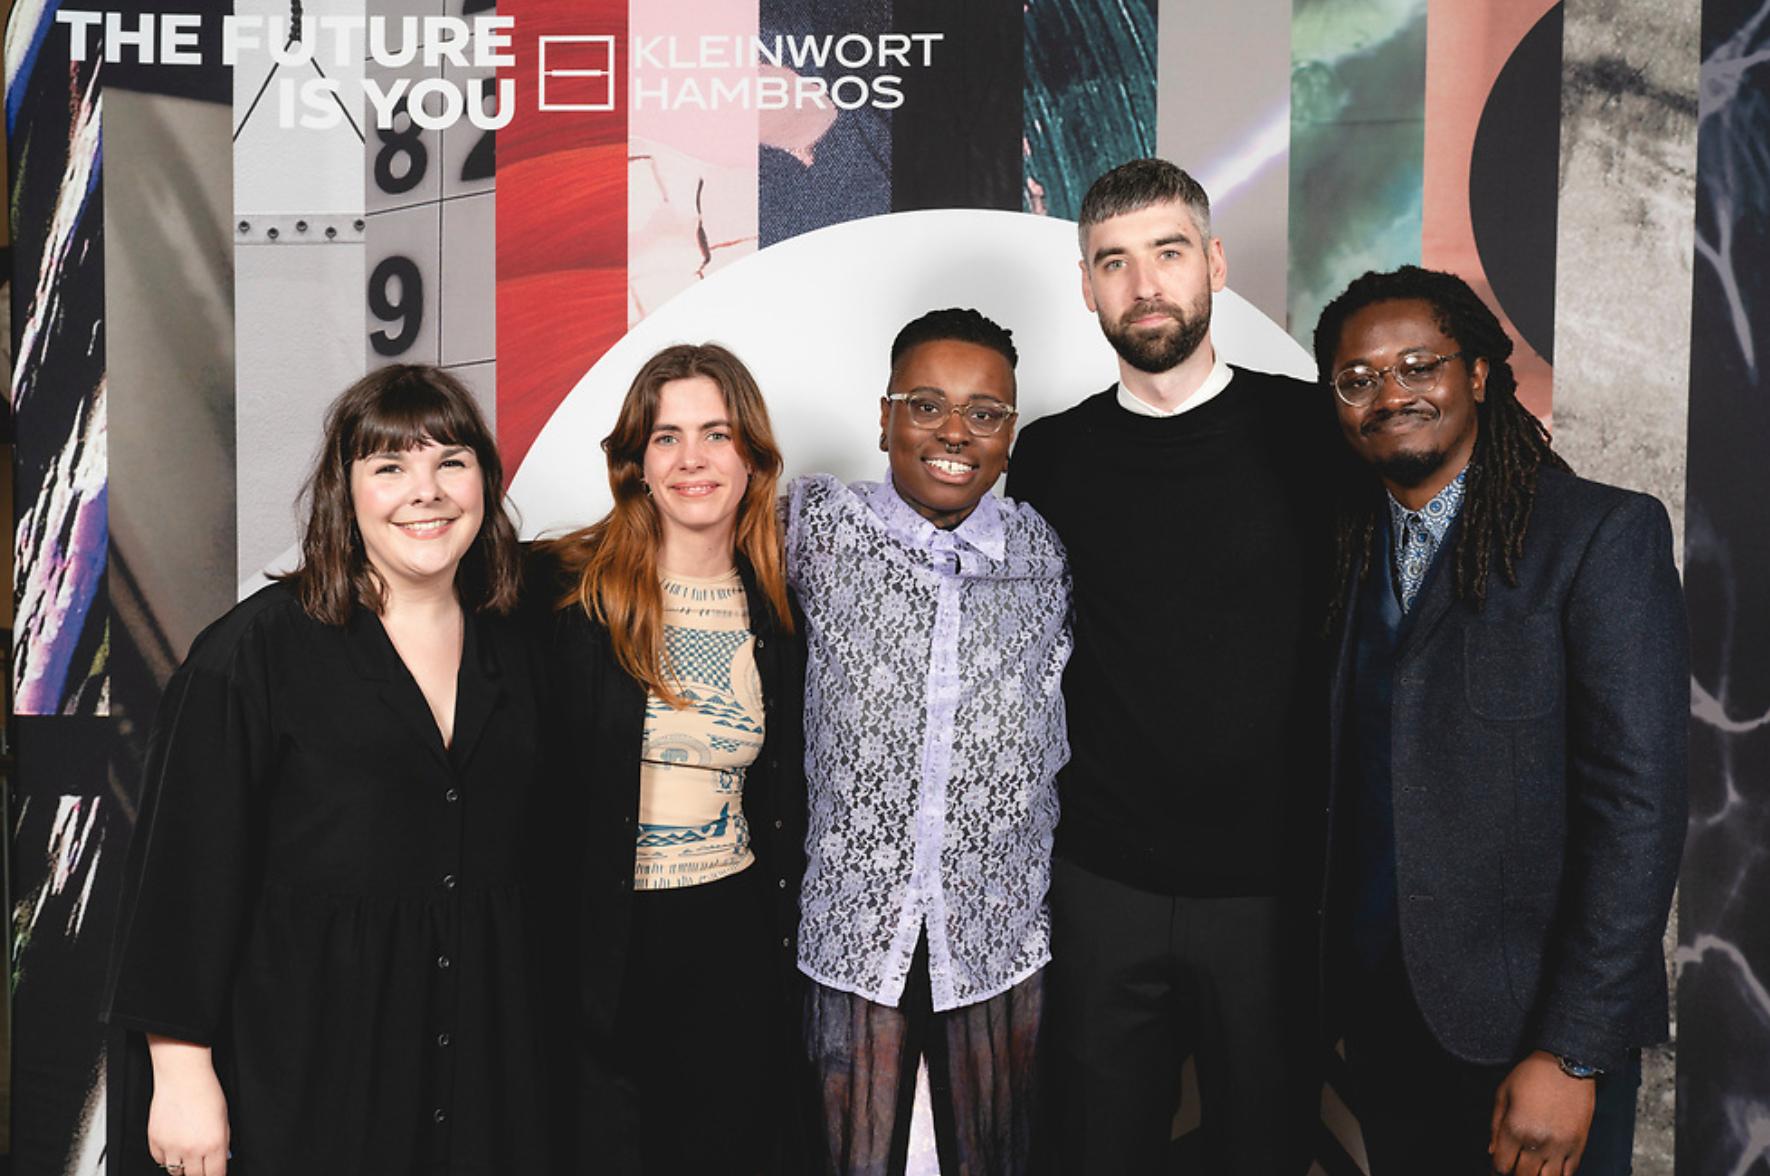 Kleinwort Hambros Emerging UK Artist Prize - FIND OUT MORE